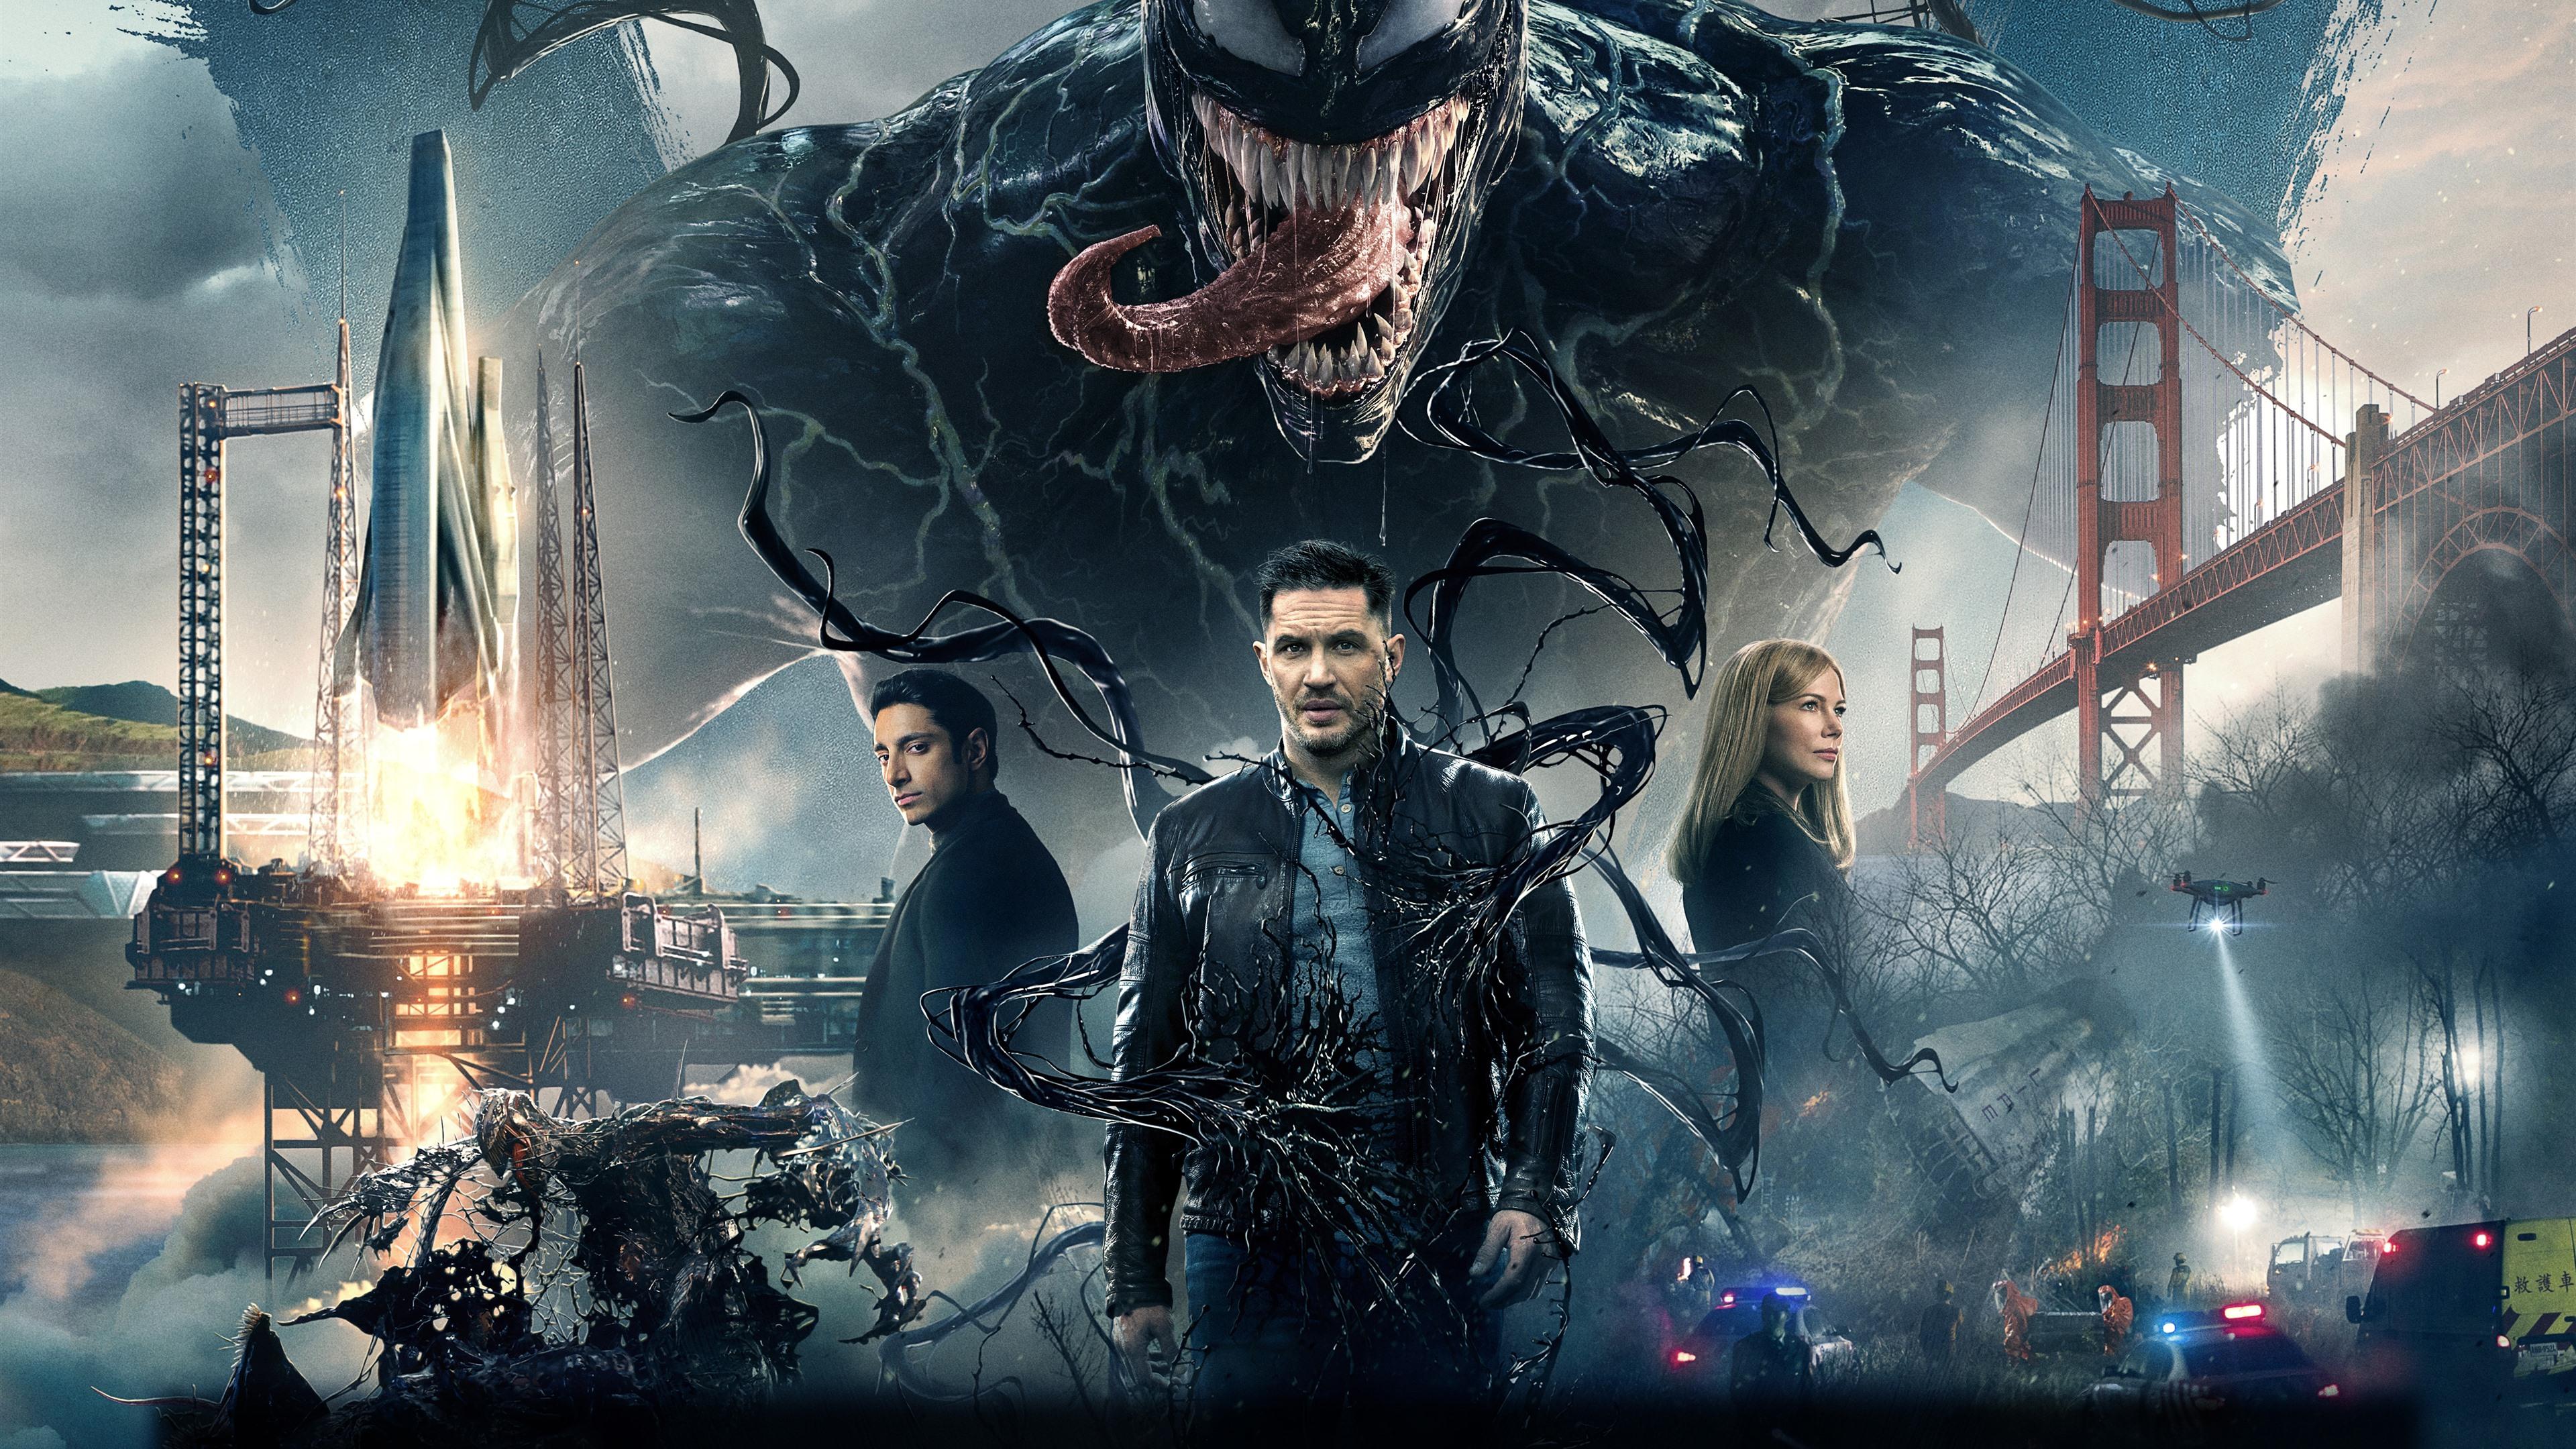 Movie Poster 2019: Venom 2018 Film 1242x2688 IPhone XS Max Hintergrundbilder